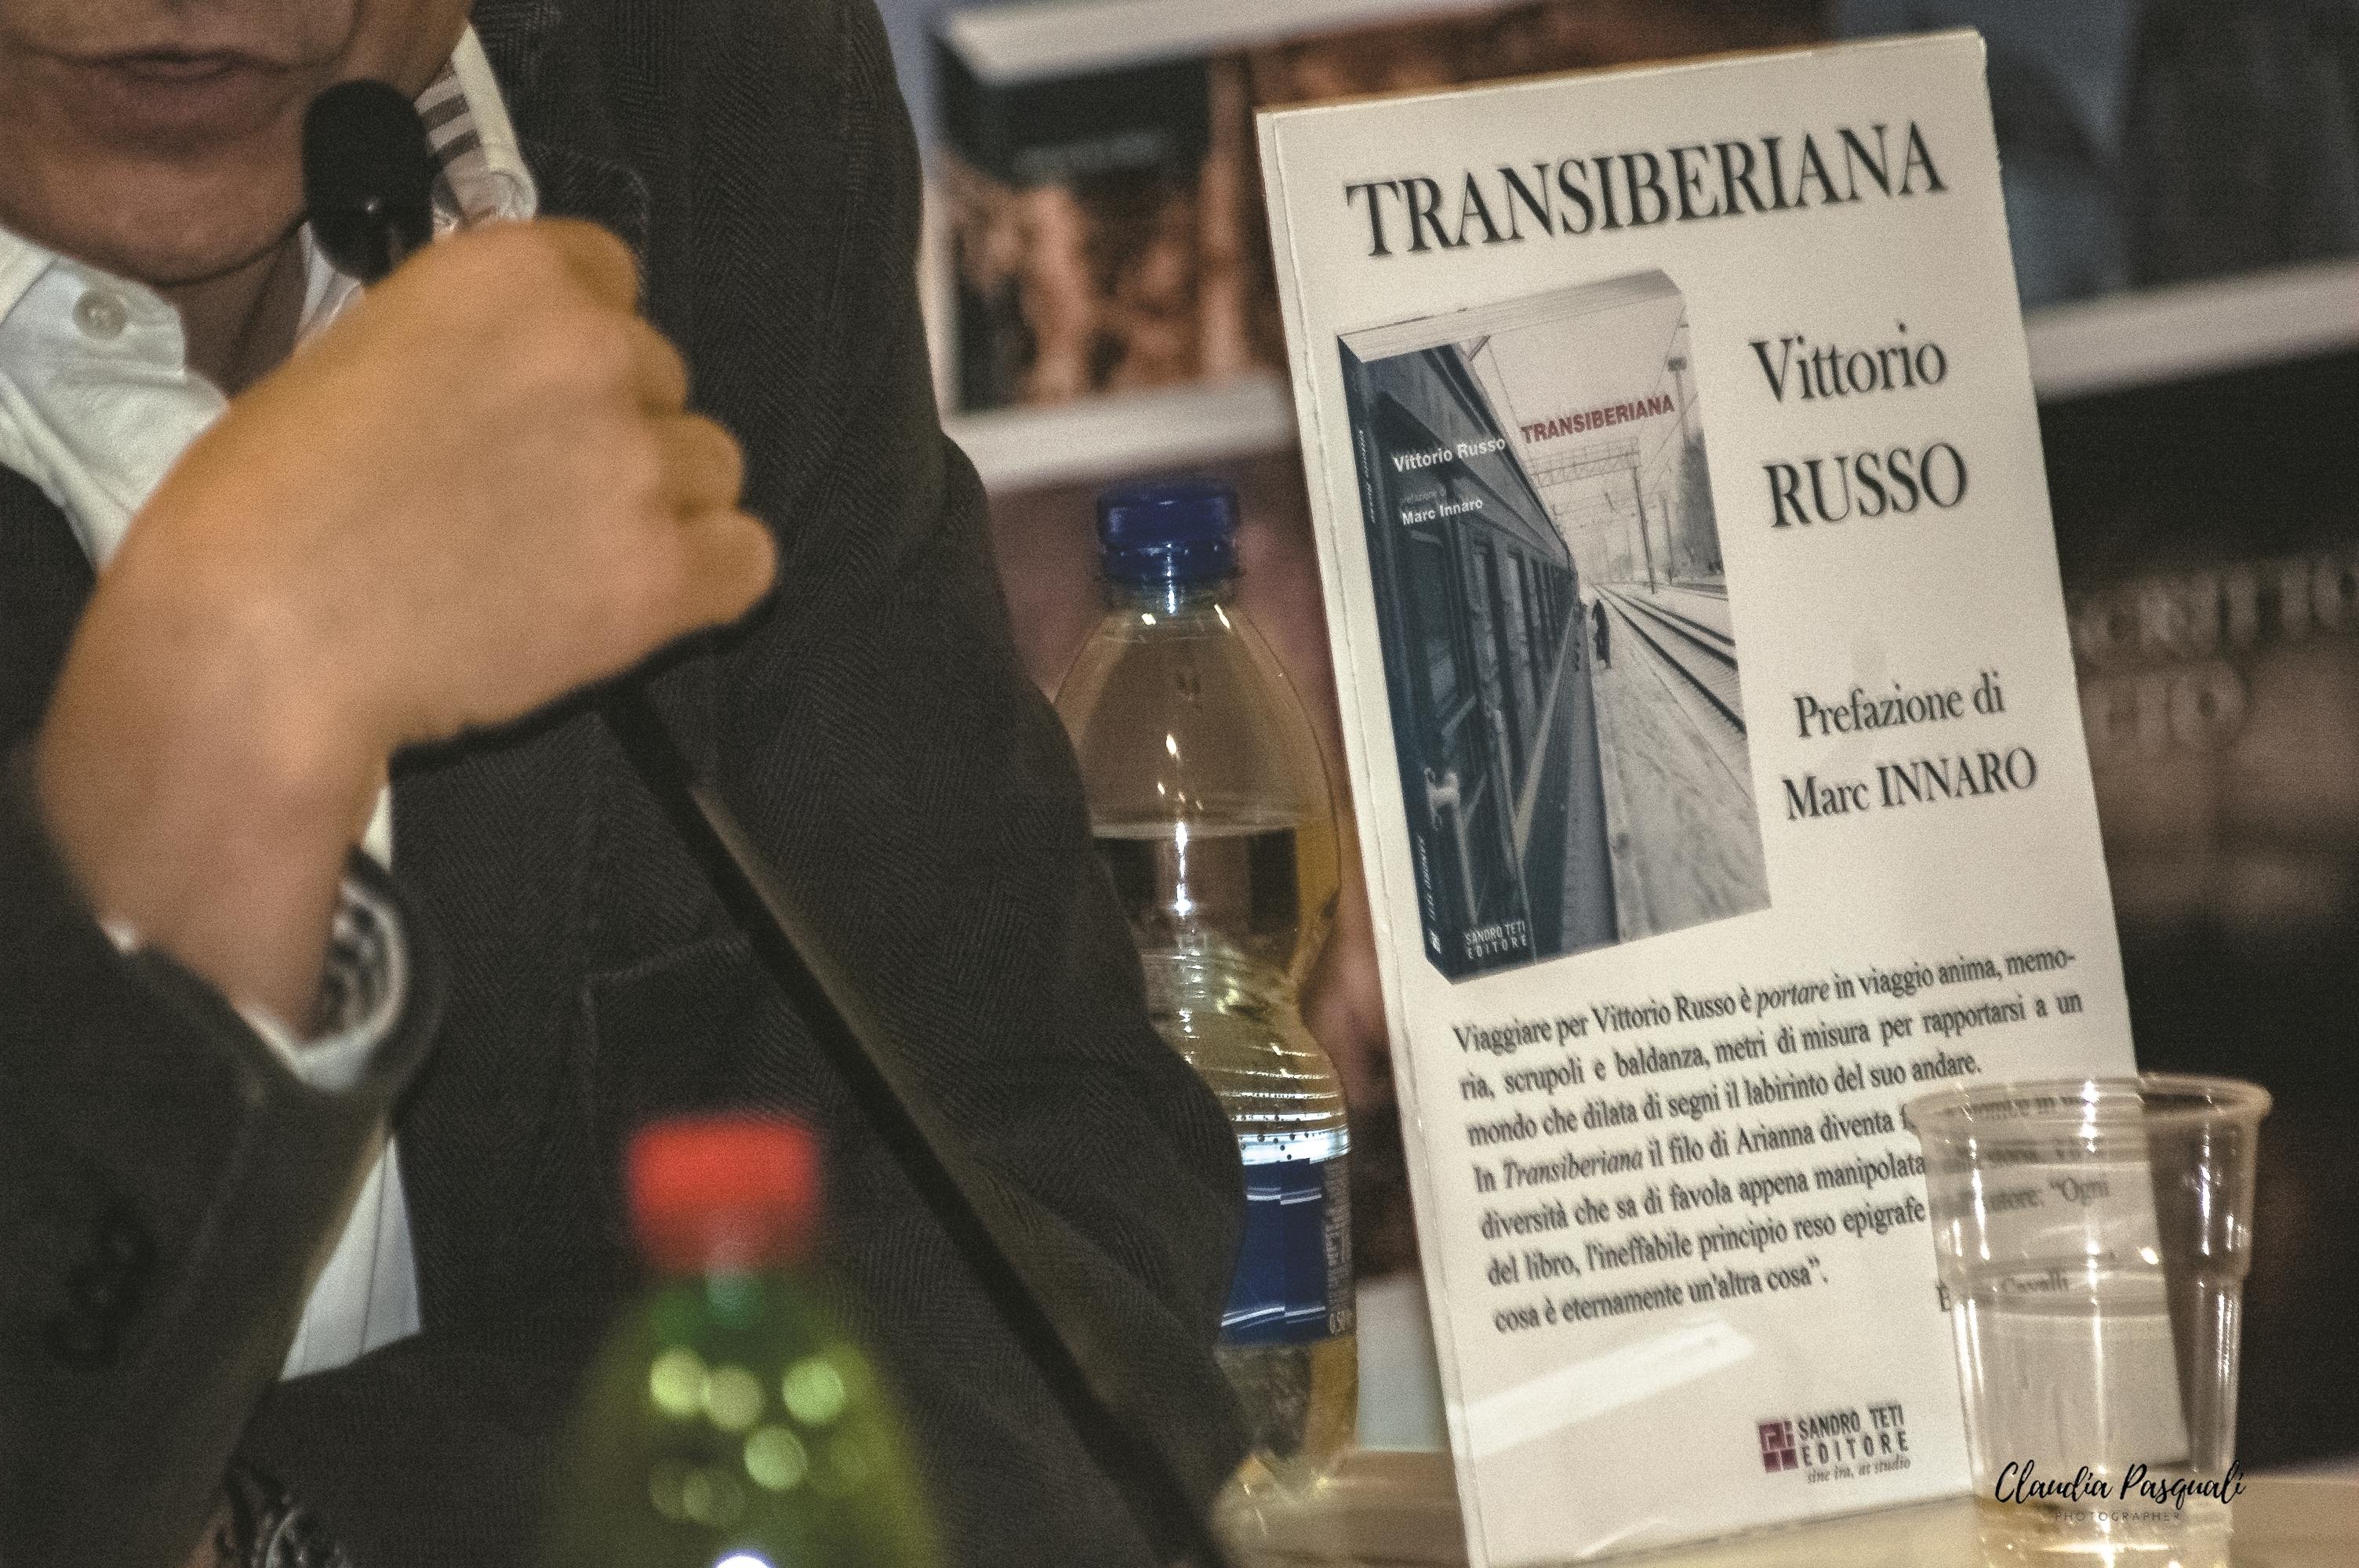 """Presentazione del libro di Vittorio Russo """"Transiberiana"""" a Più Libri Più Liberi."""